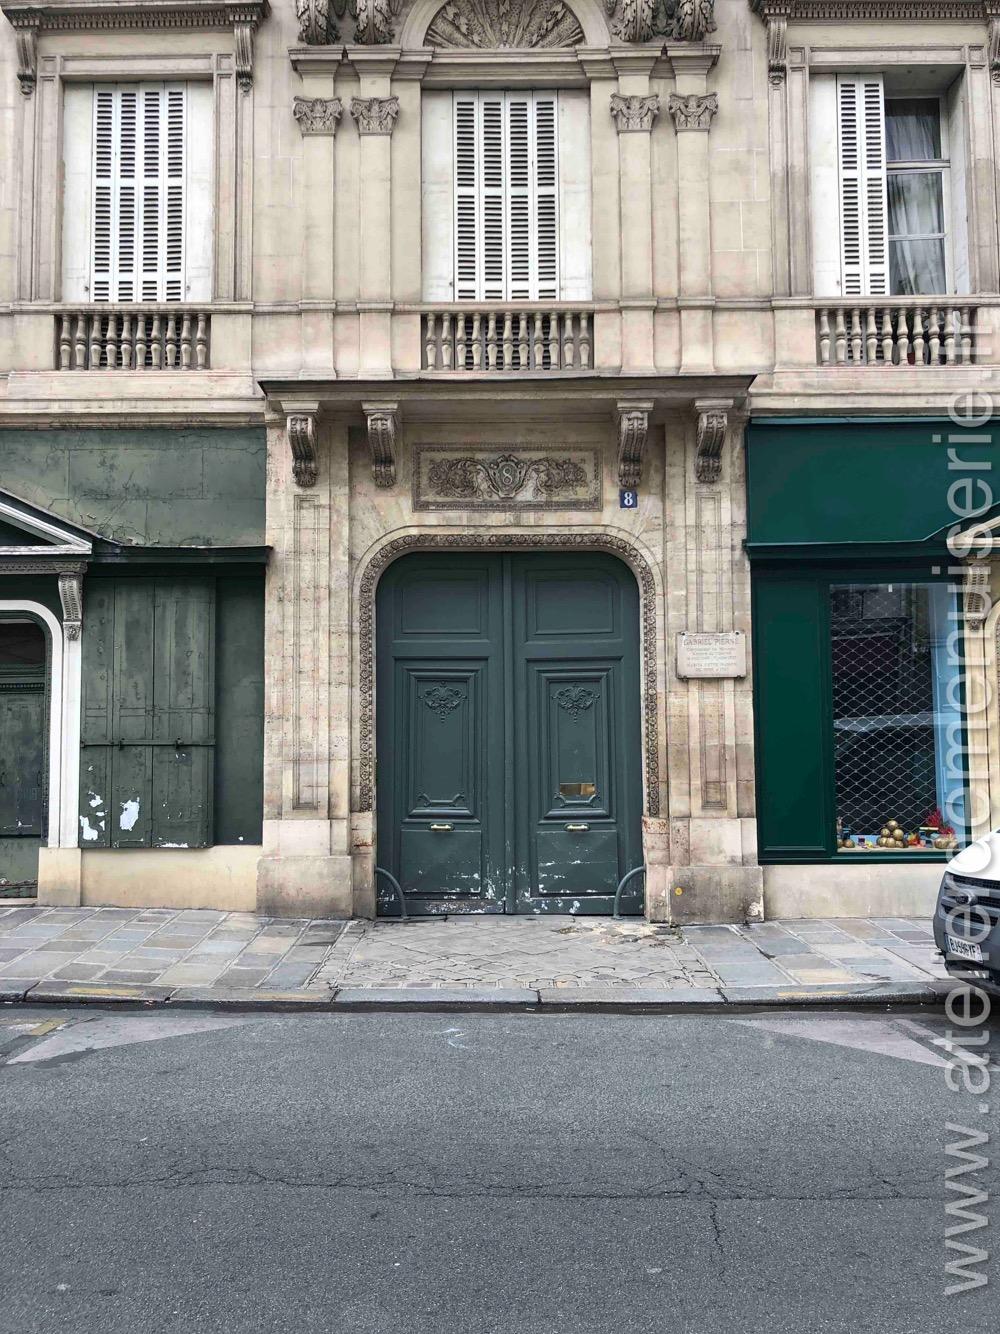 Porte Cochère - 8 RUE DE TOURNON PARIS 6